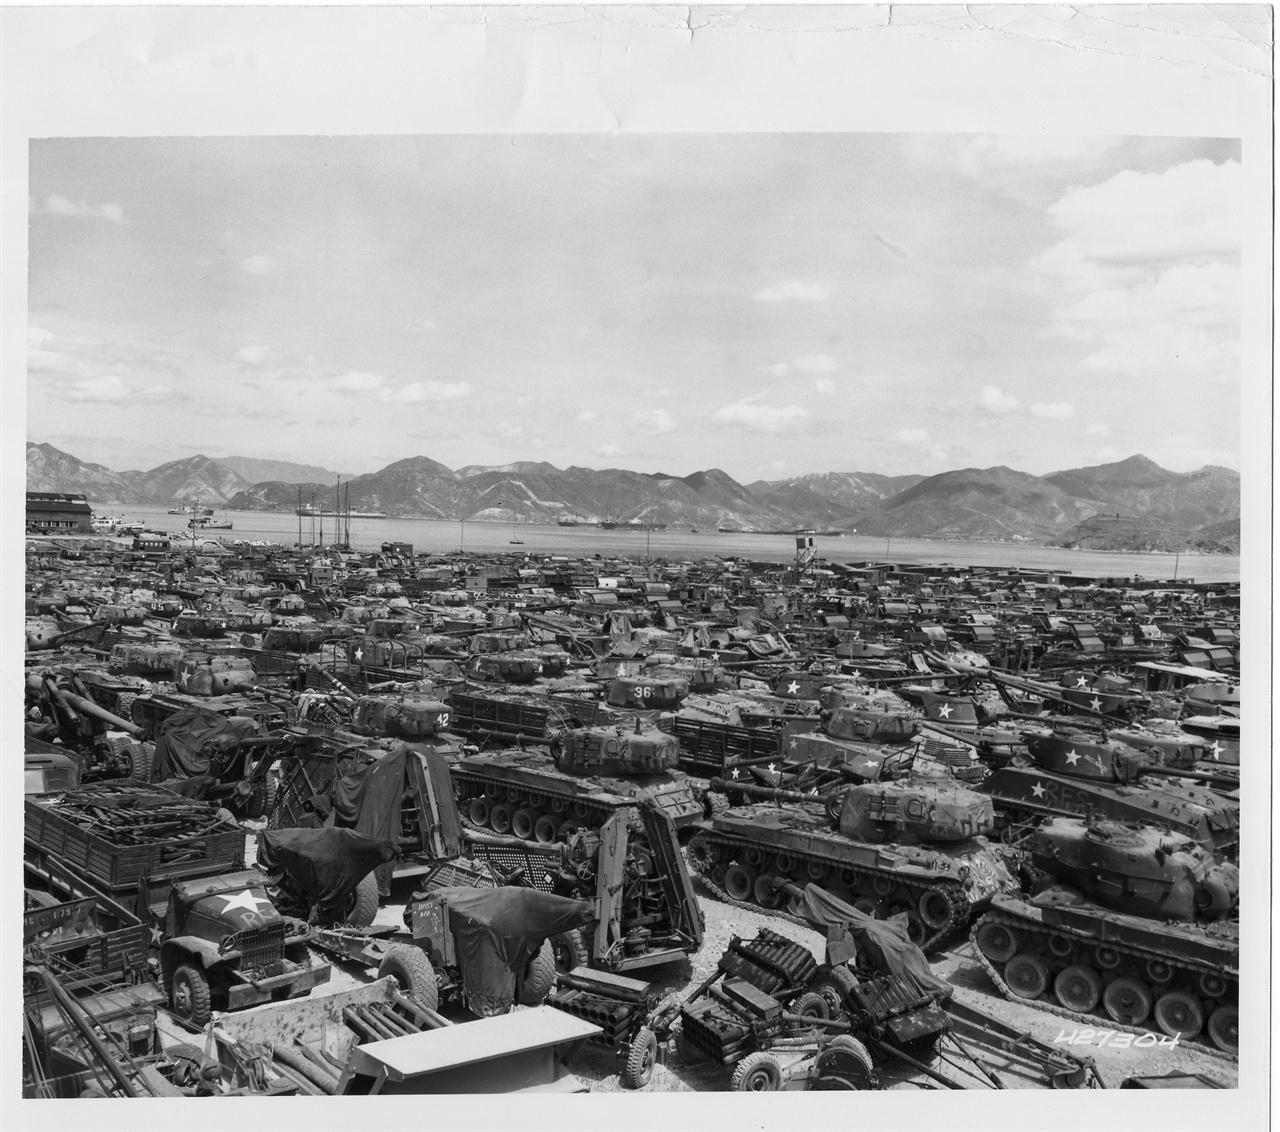 1953. 8. 22. 마산, 전장을 종횡무진 누비다가 부서진 탱크 잔해들.